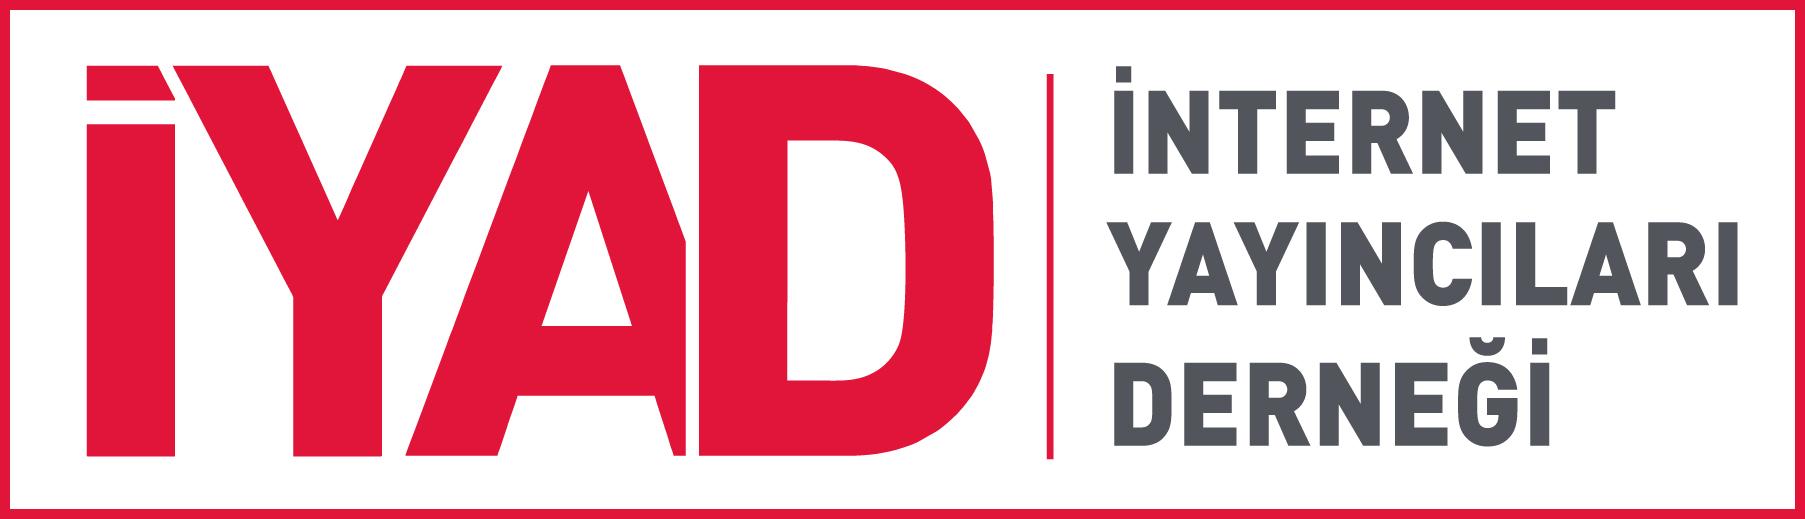 iyad logo ile ilgili görsel sonucu